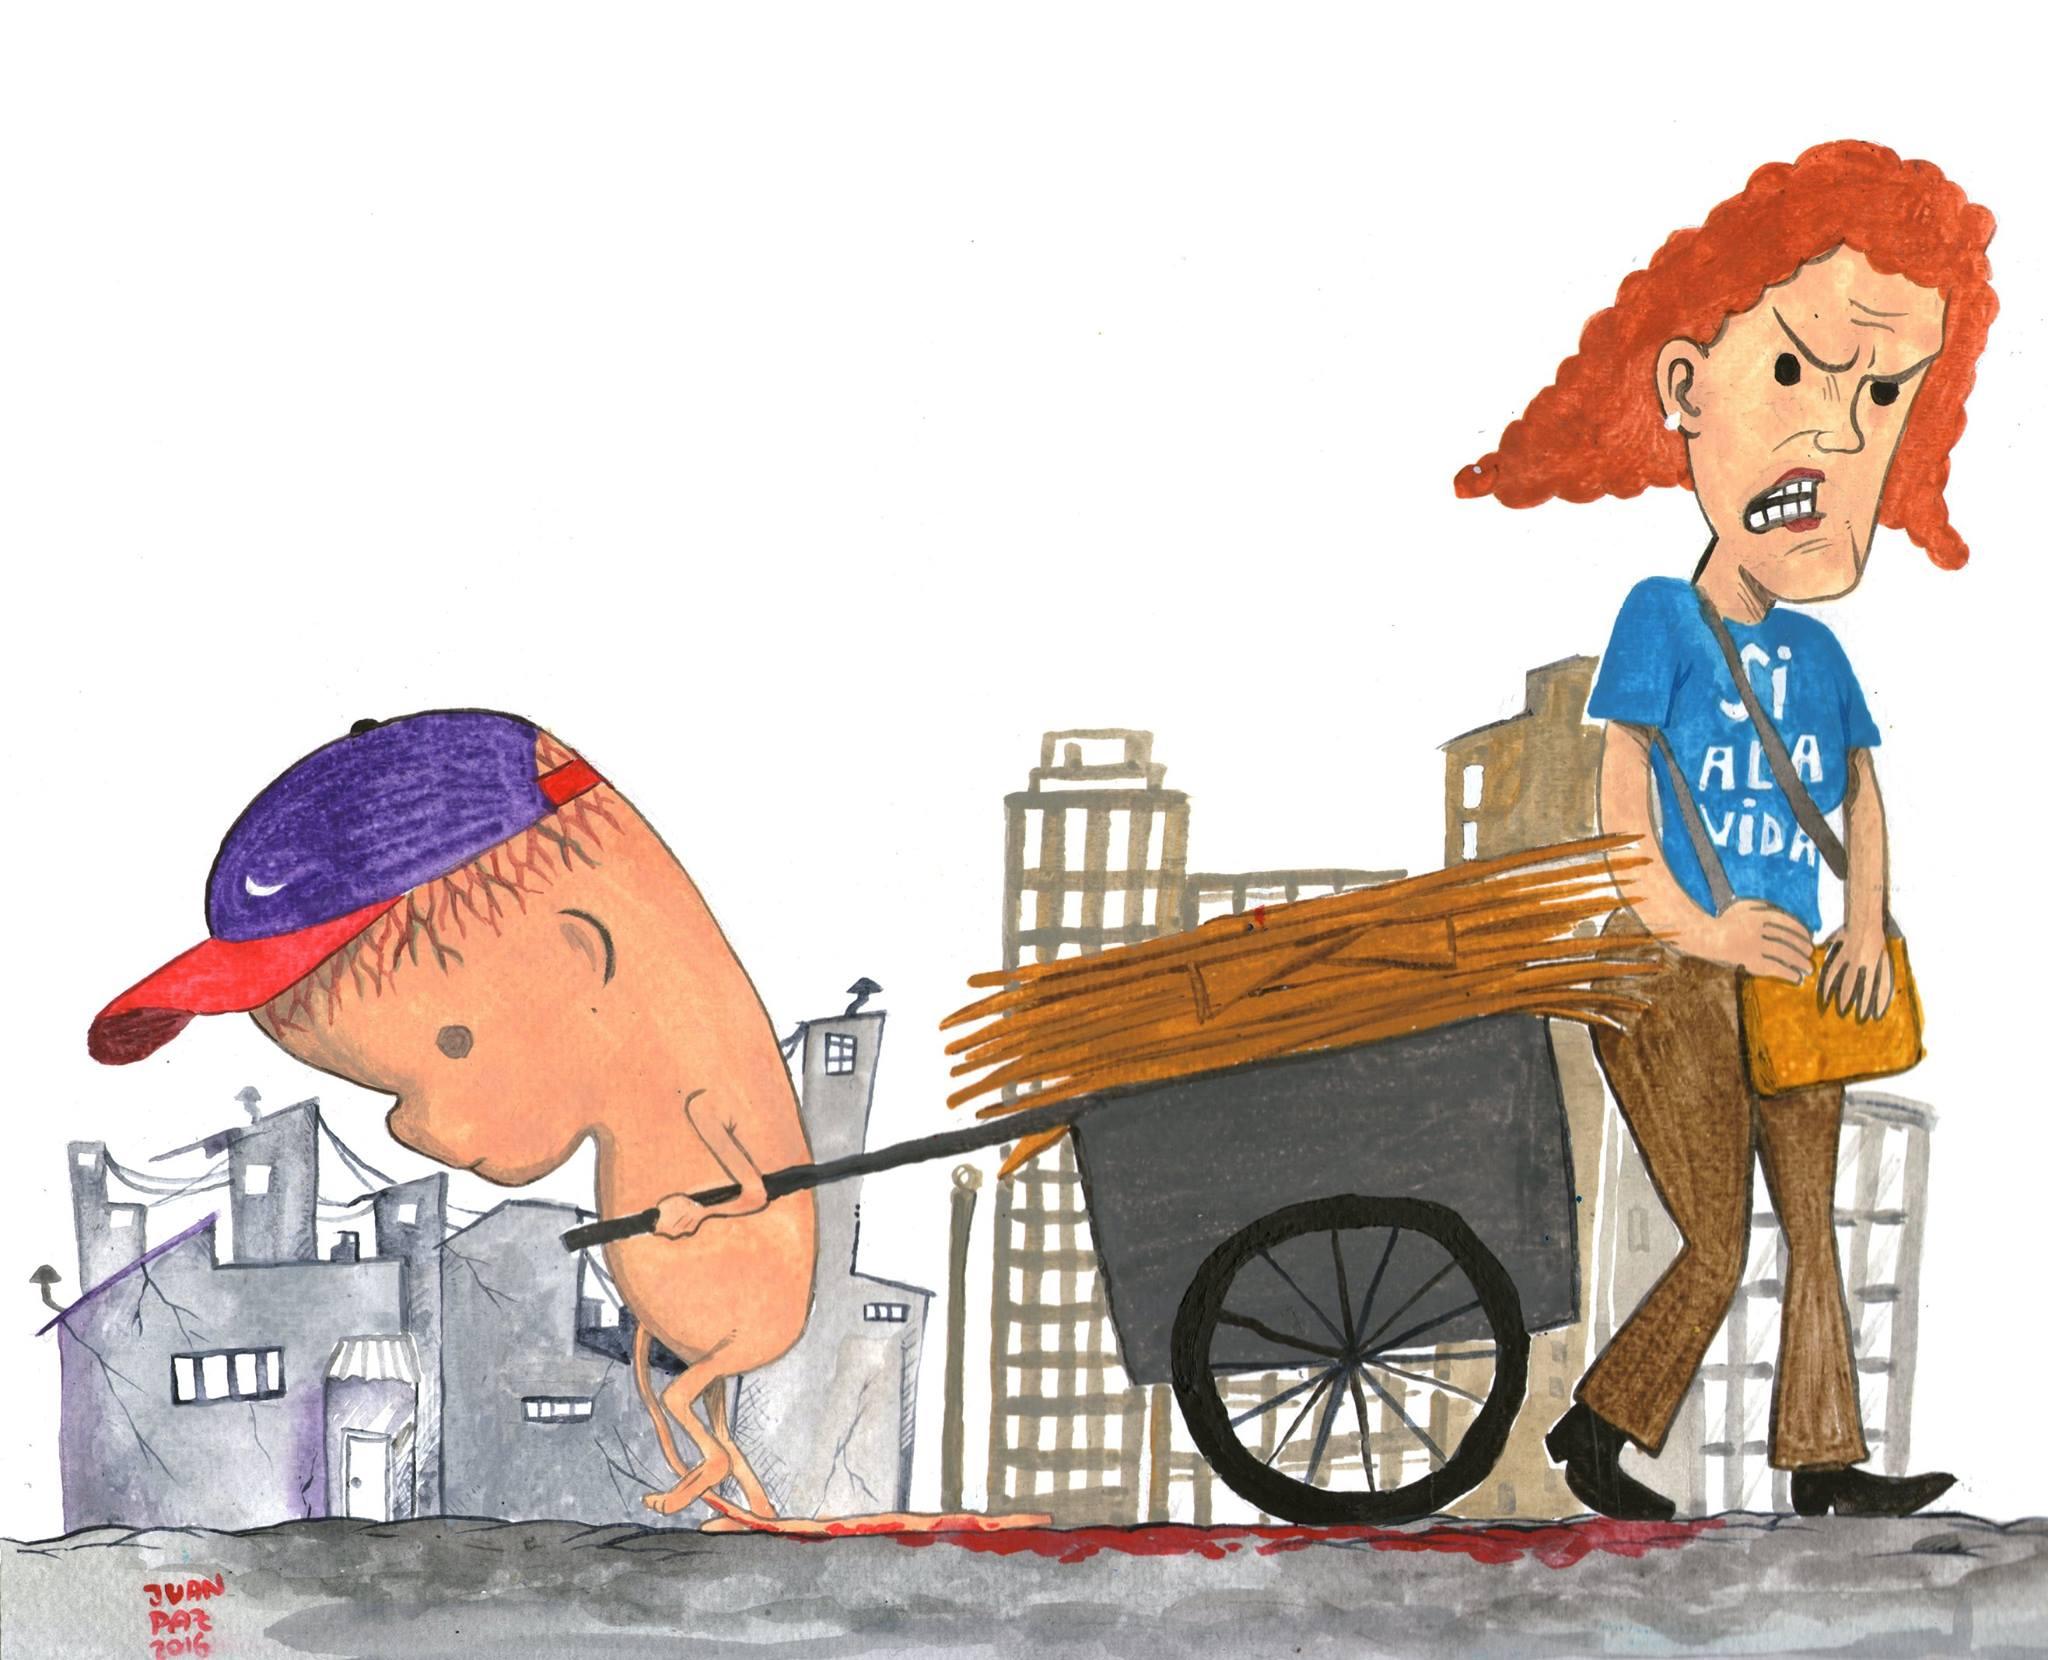 Juan Paz Ilustración 3